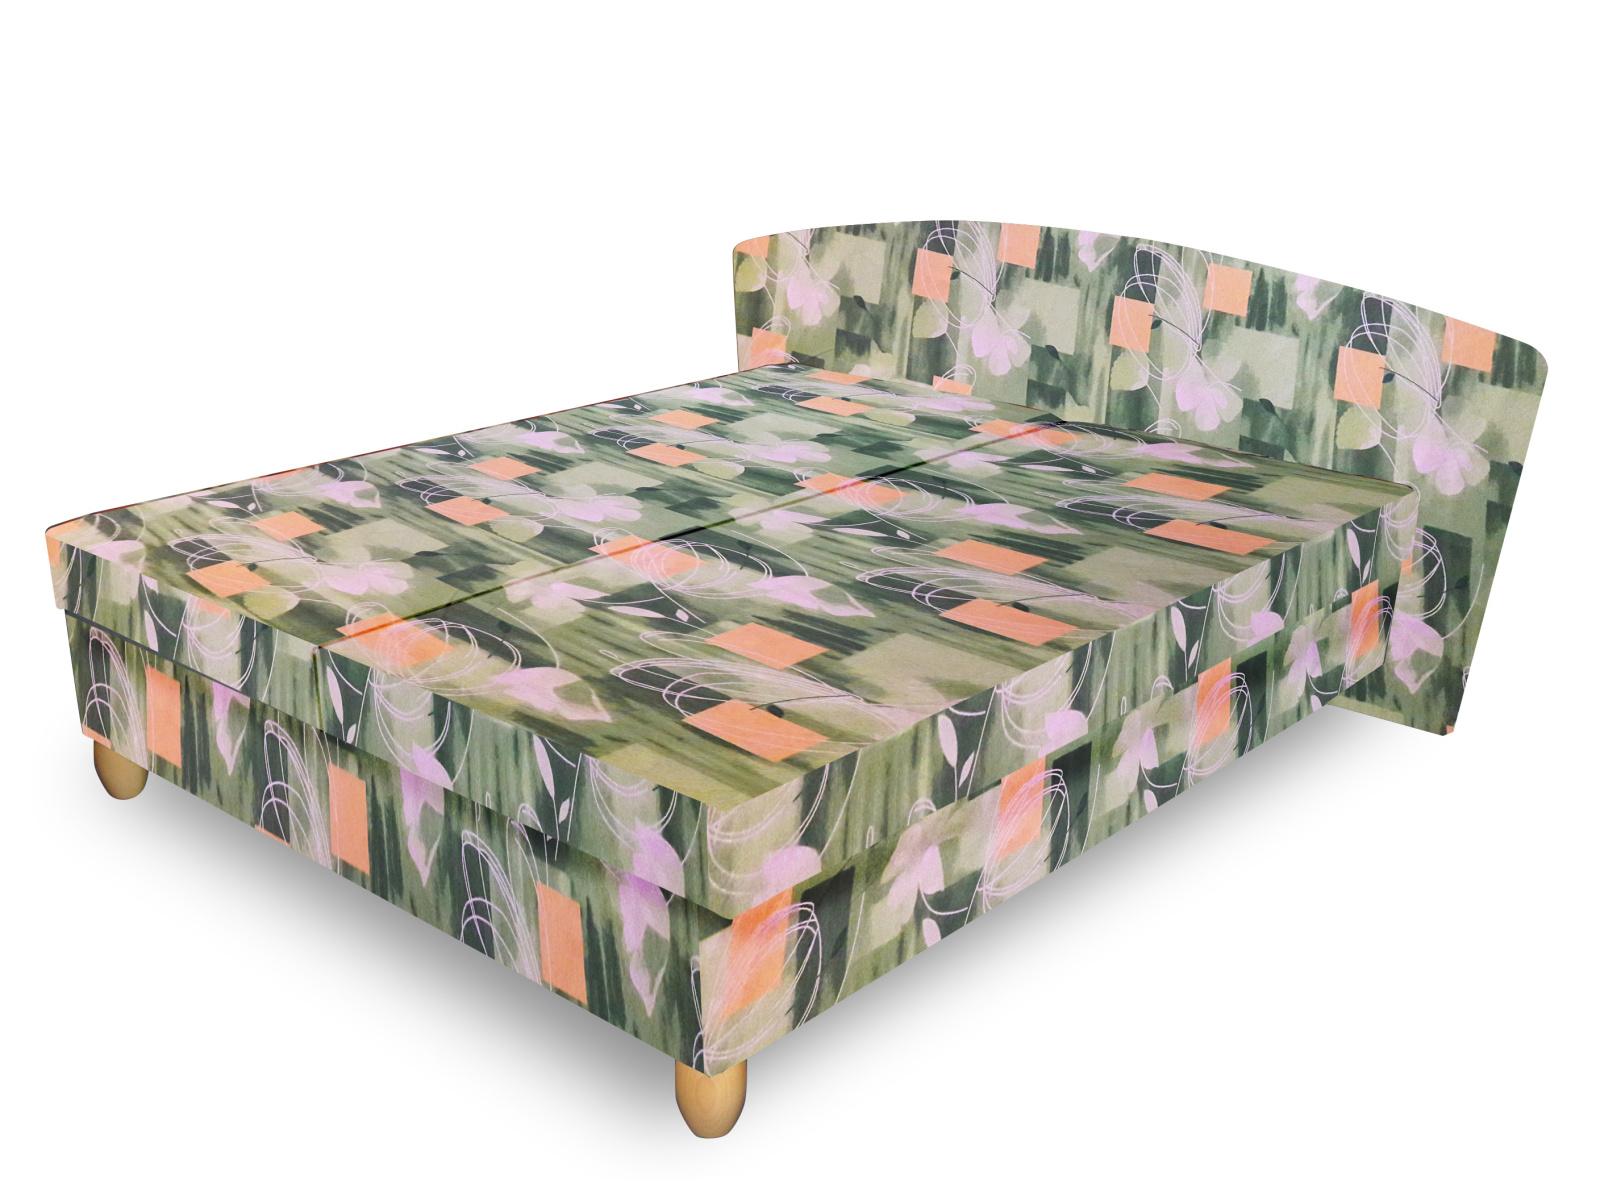 Smartshop Čalouněná postel NICOL 140x200 cm, zelená látka